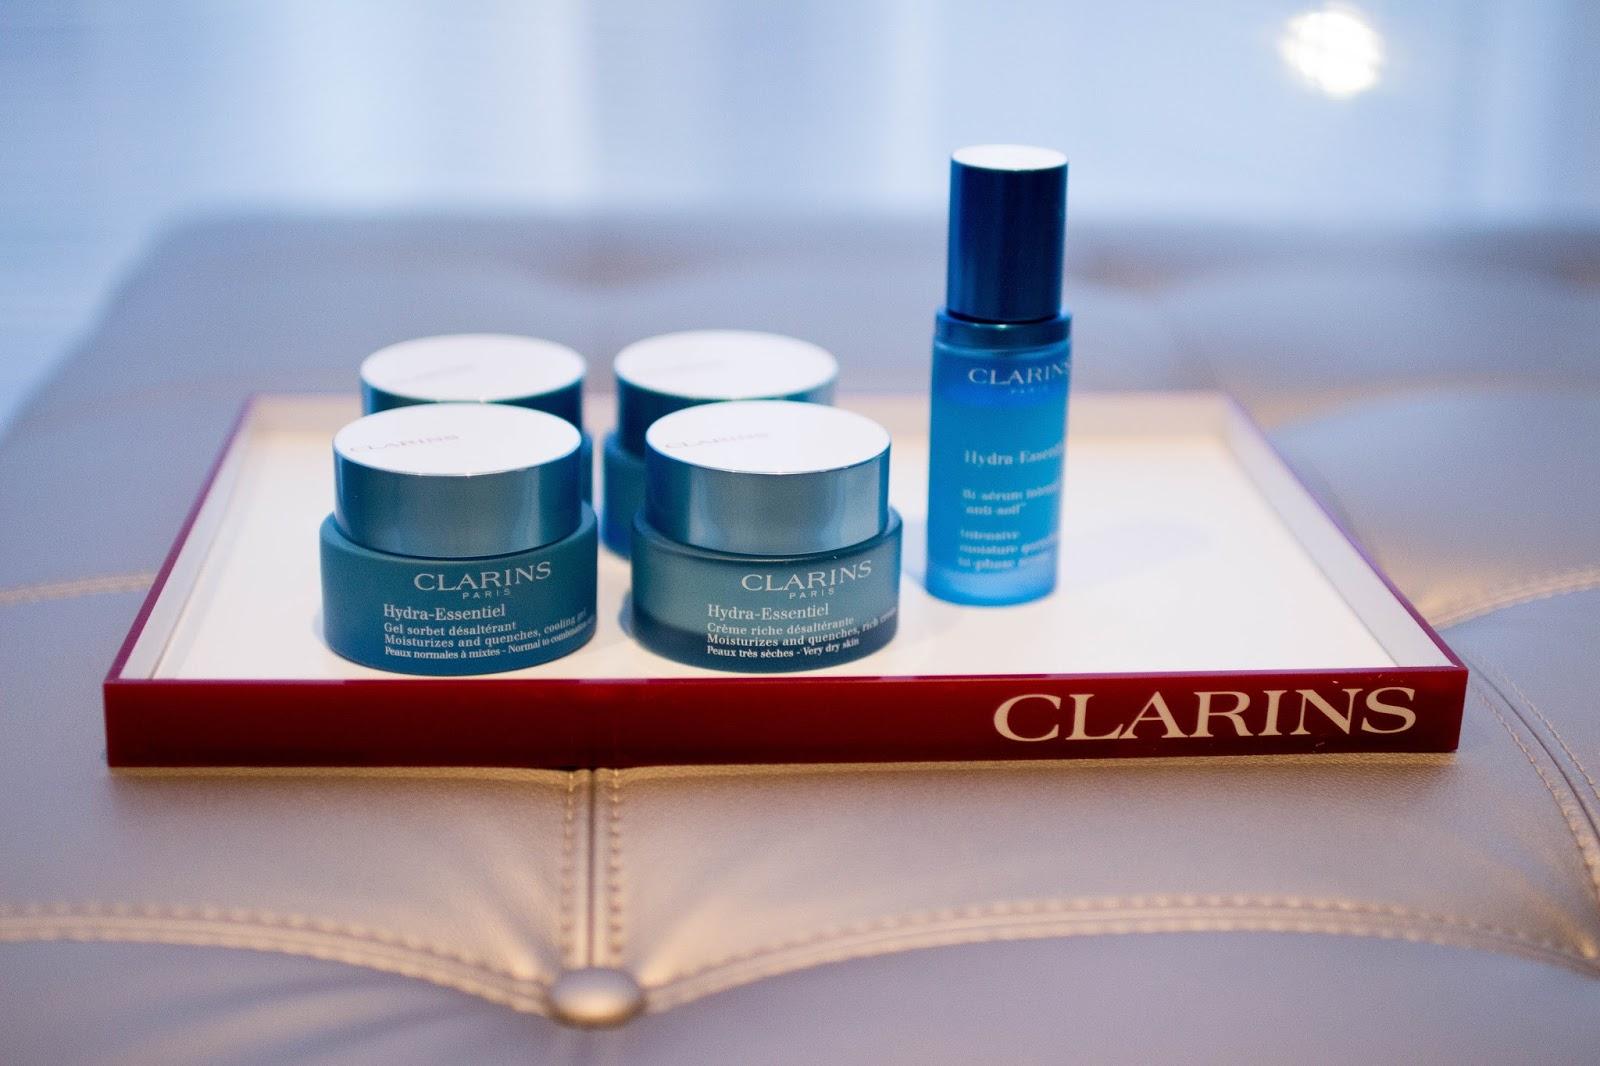 clarins-hydra-essentiel-silky-cream-moisturizer-bi-phase-serum